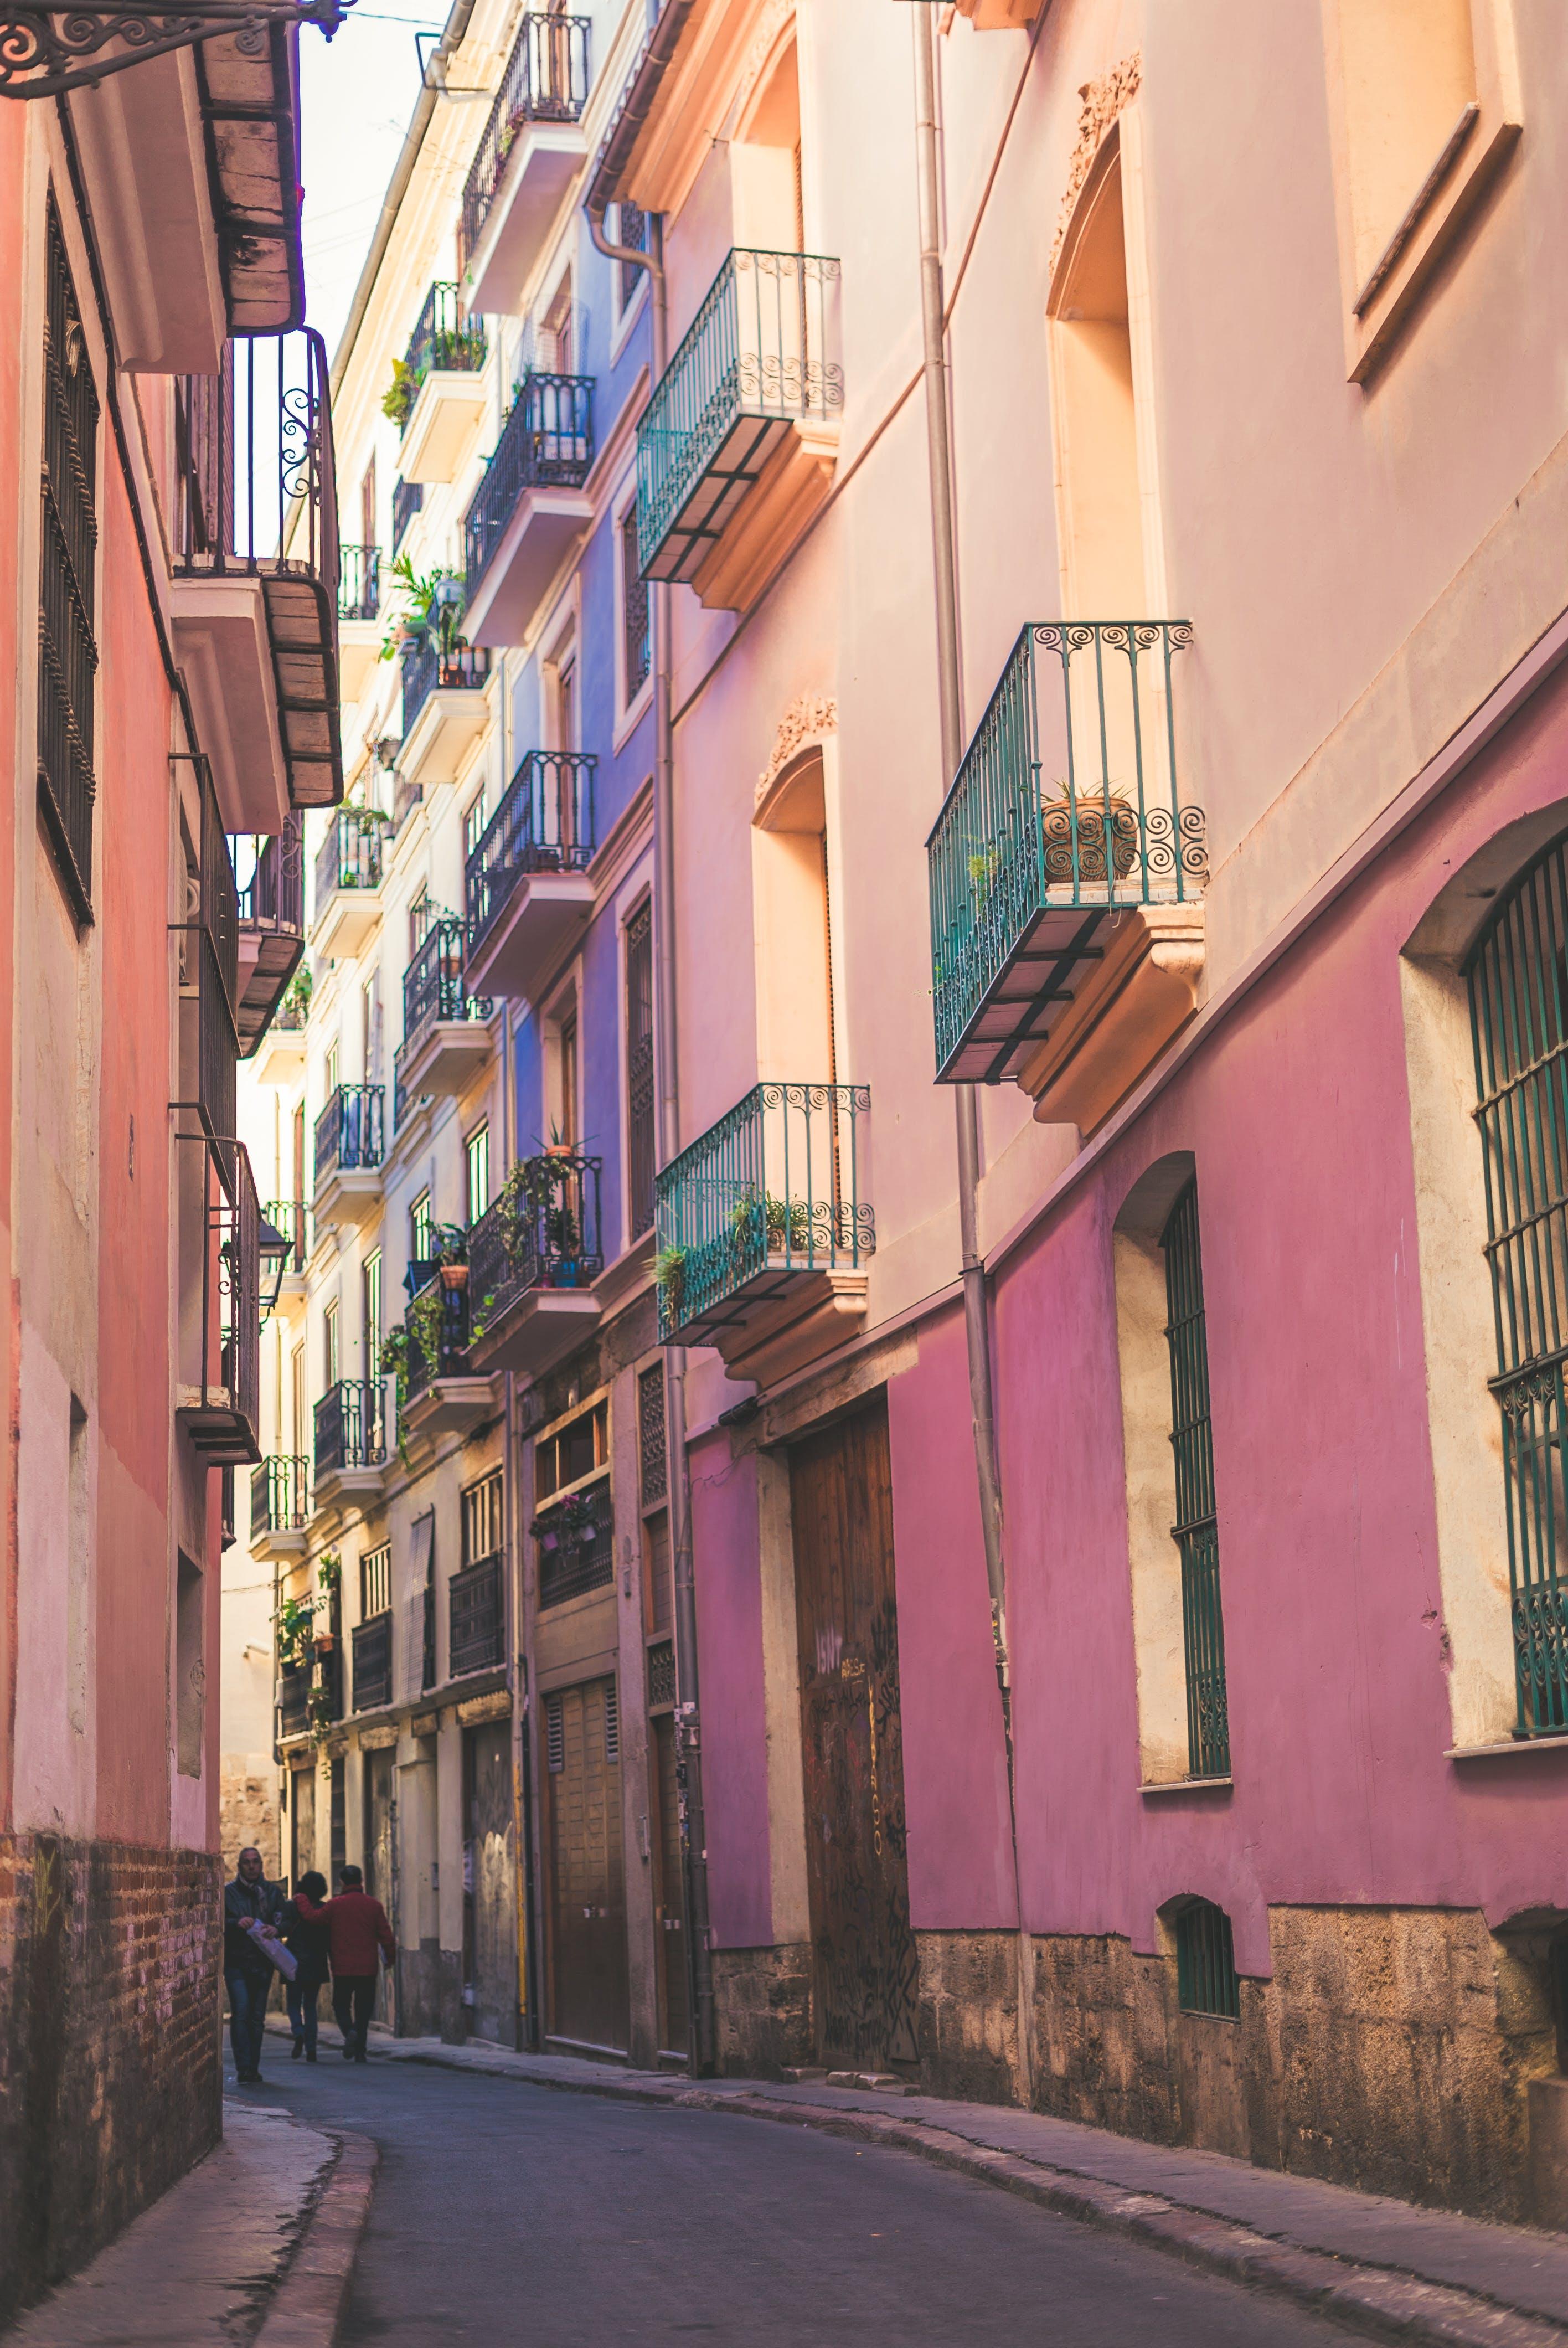 Kostenloses Stock Foto zu architektur, balkone, gebäude, spanien